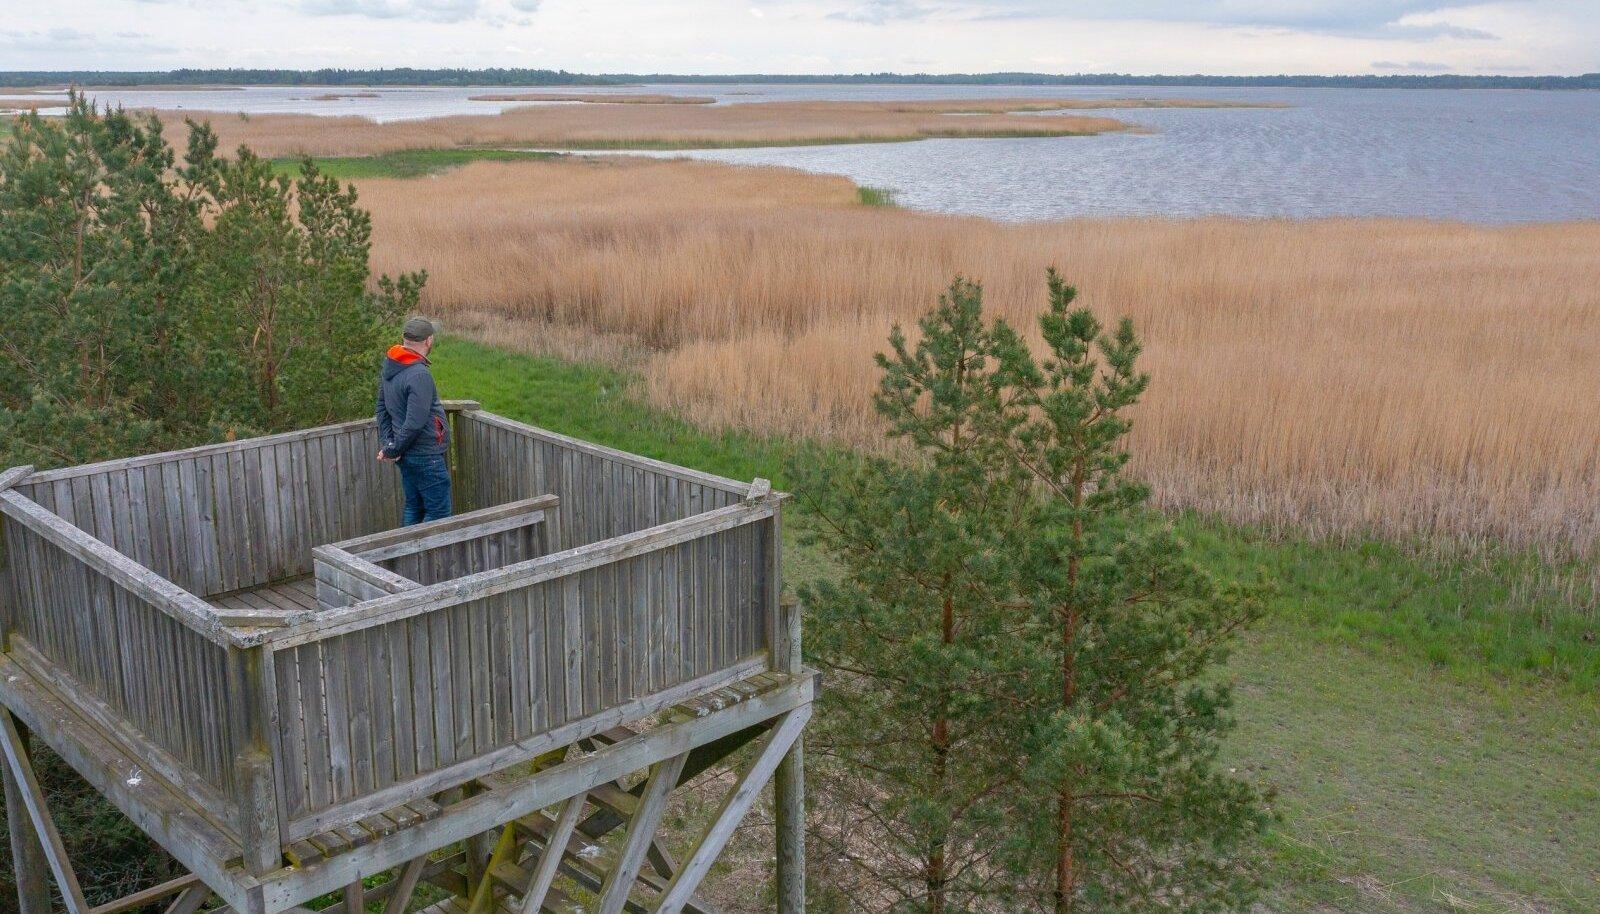 Silma Õpikoja loodusõppe juhendaja Marko Valker seisab linnuvaatlustornis, kuhu harjumuspärast rada pidi enam minna ei saa.